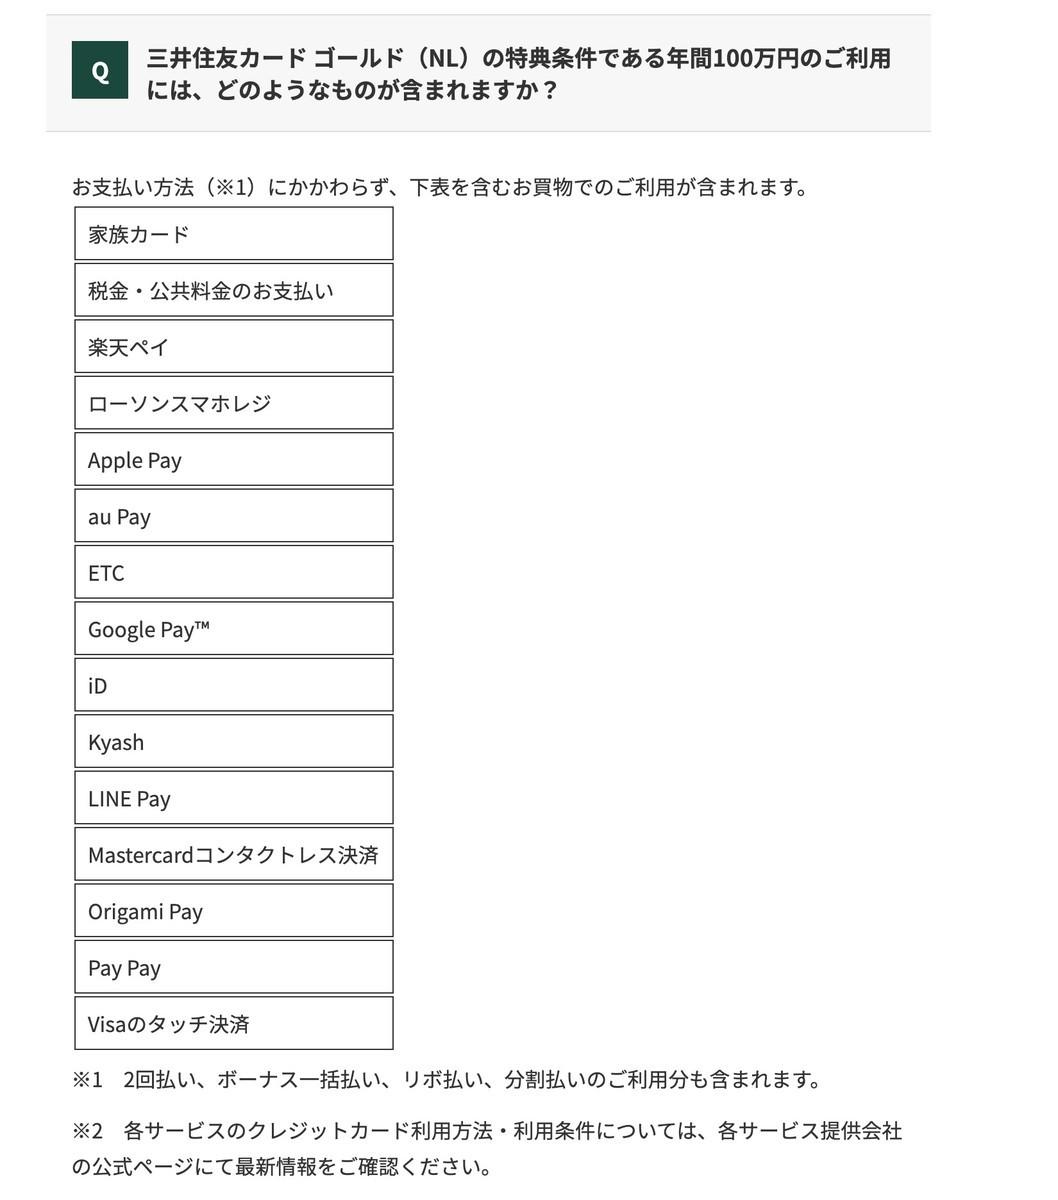 f:id:kuzyo:20210701230027j:plain